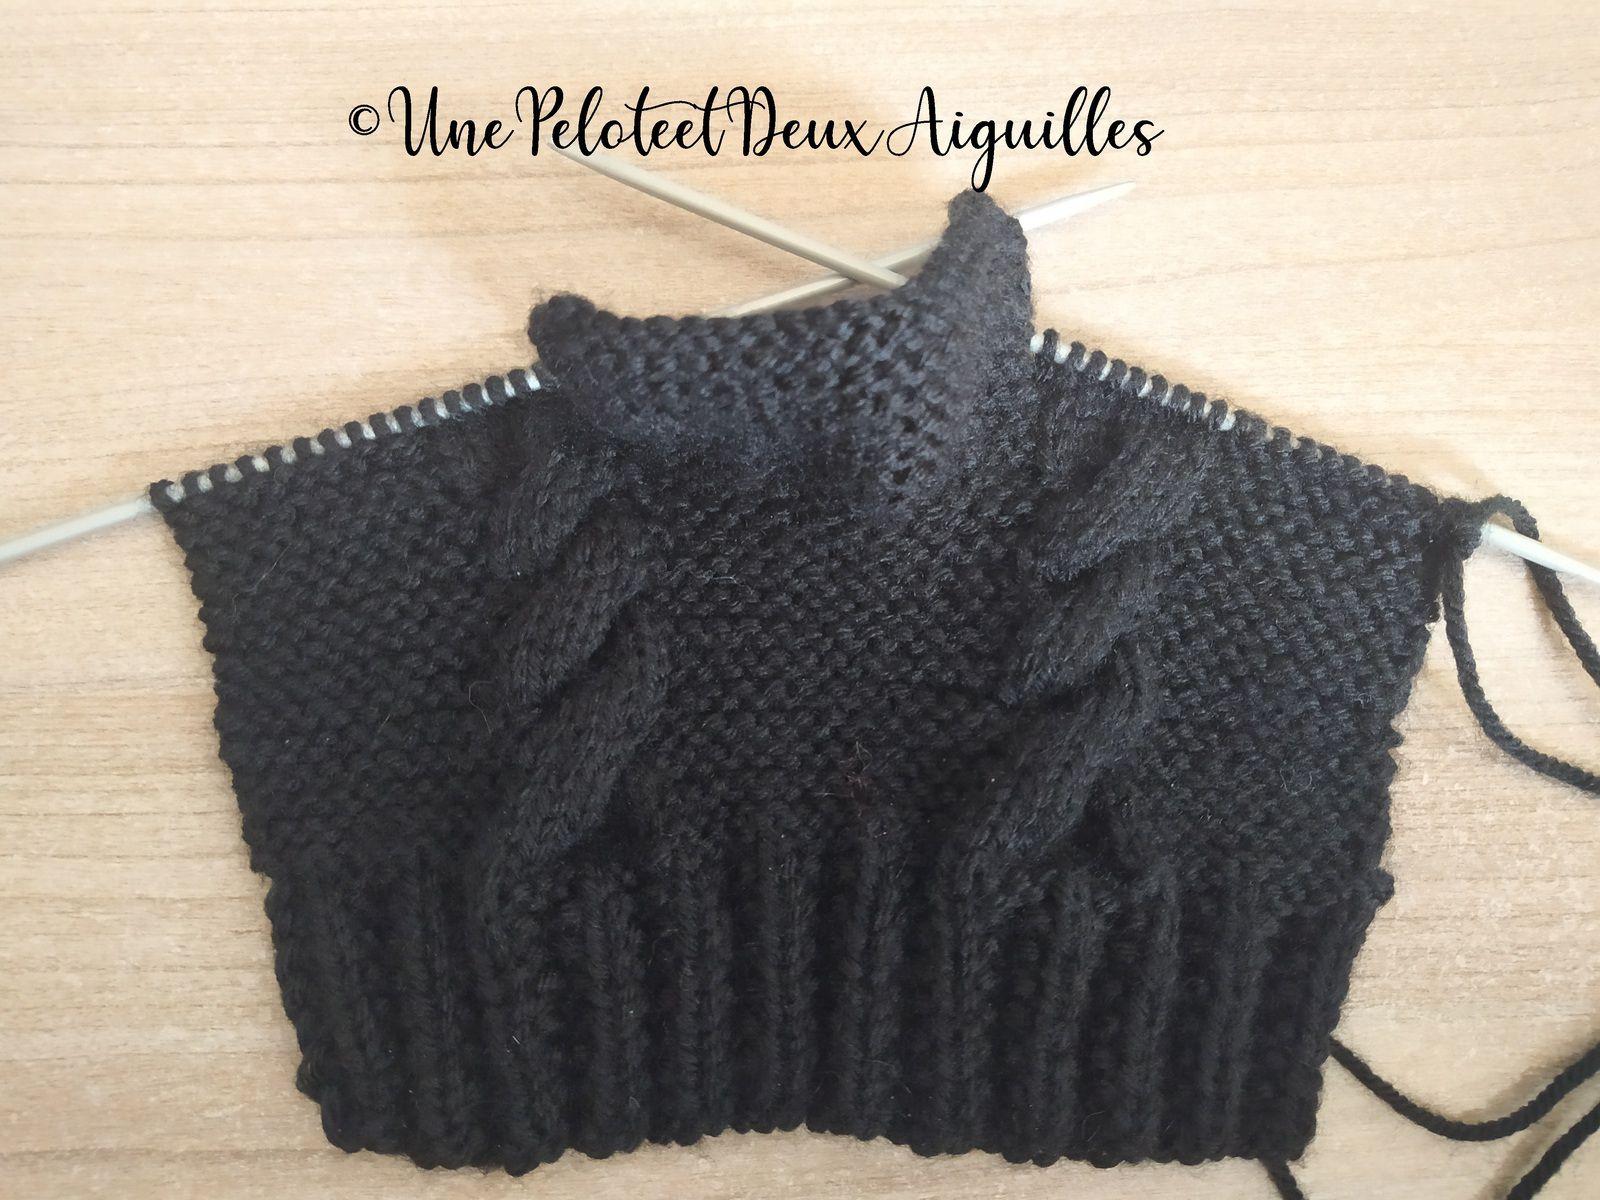 Tricoter des mitaines avec pouce pour adulte © 2021 unepeloteetdeuxaiguilles.com